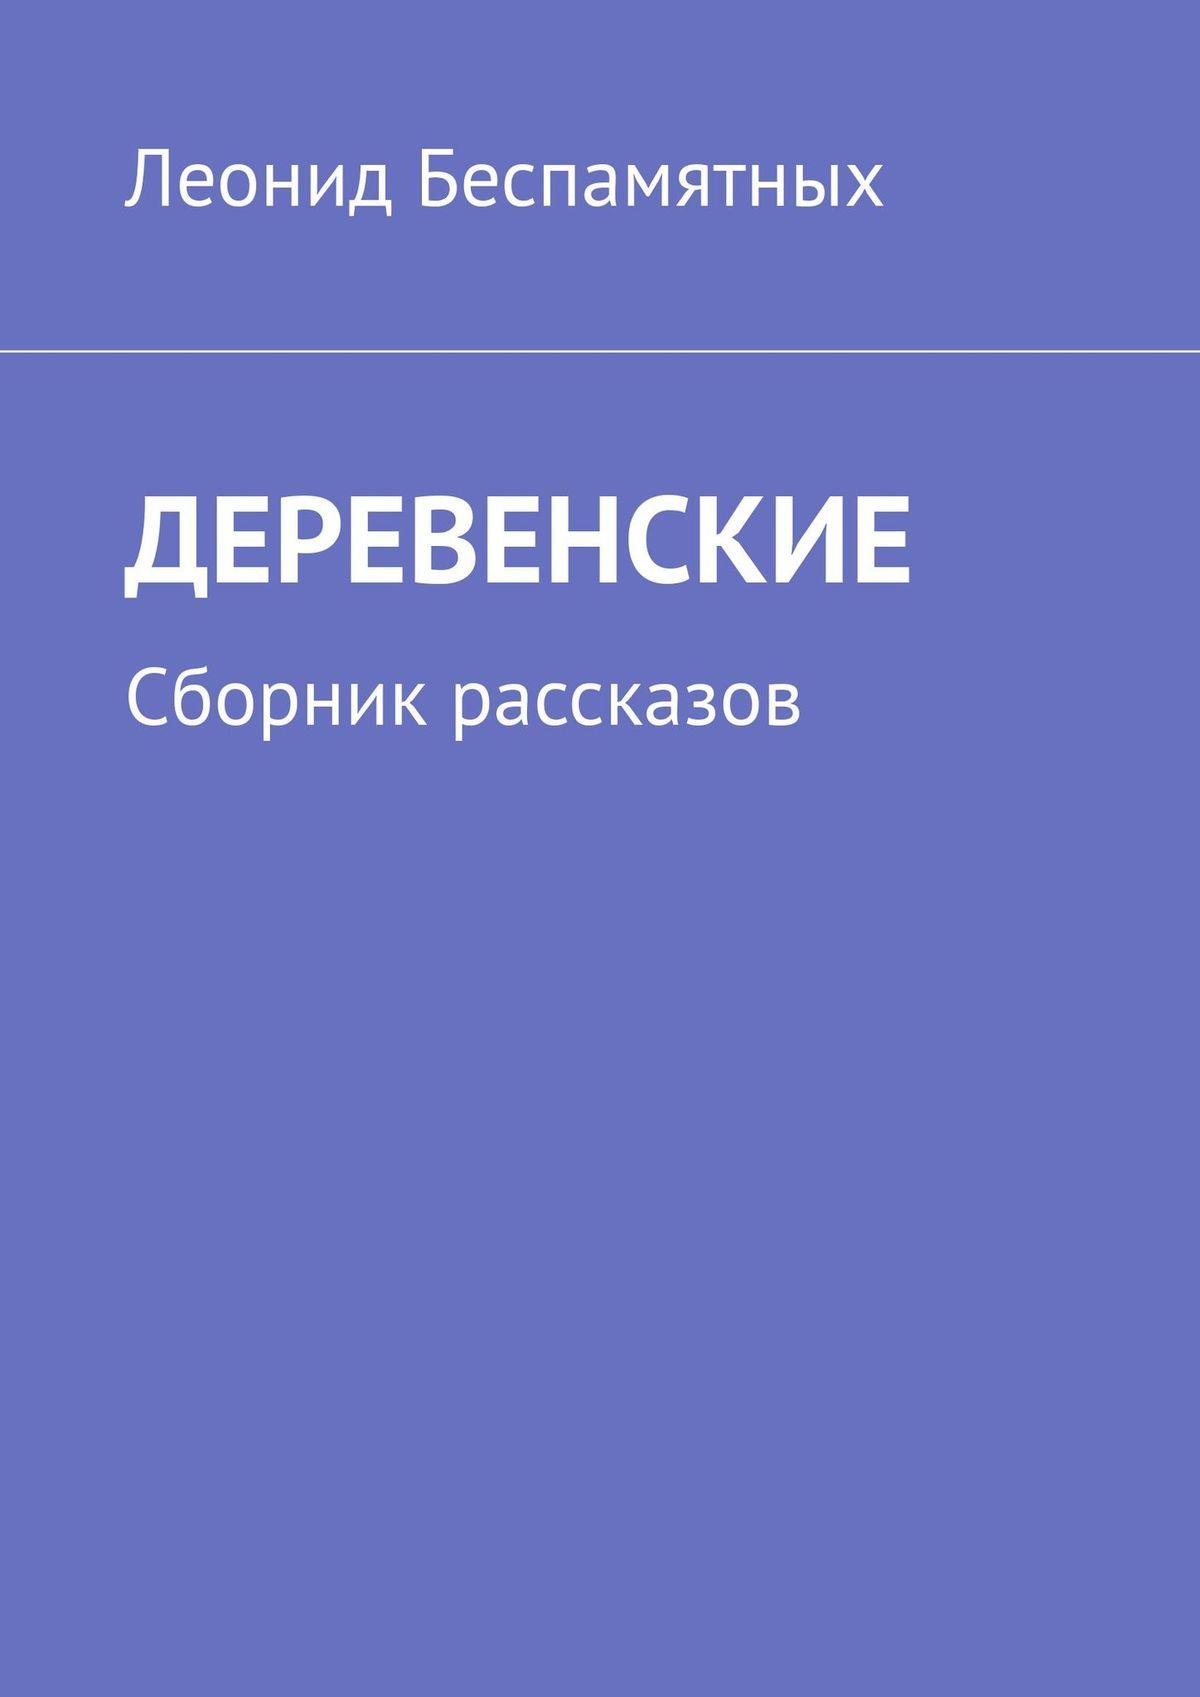 ДЕРЕВЕНСКИЕ. Сборник рассказов